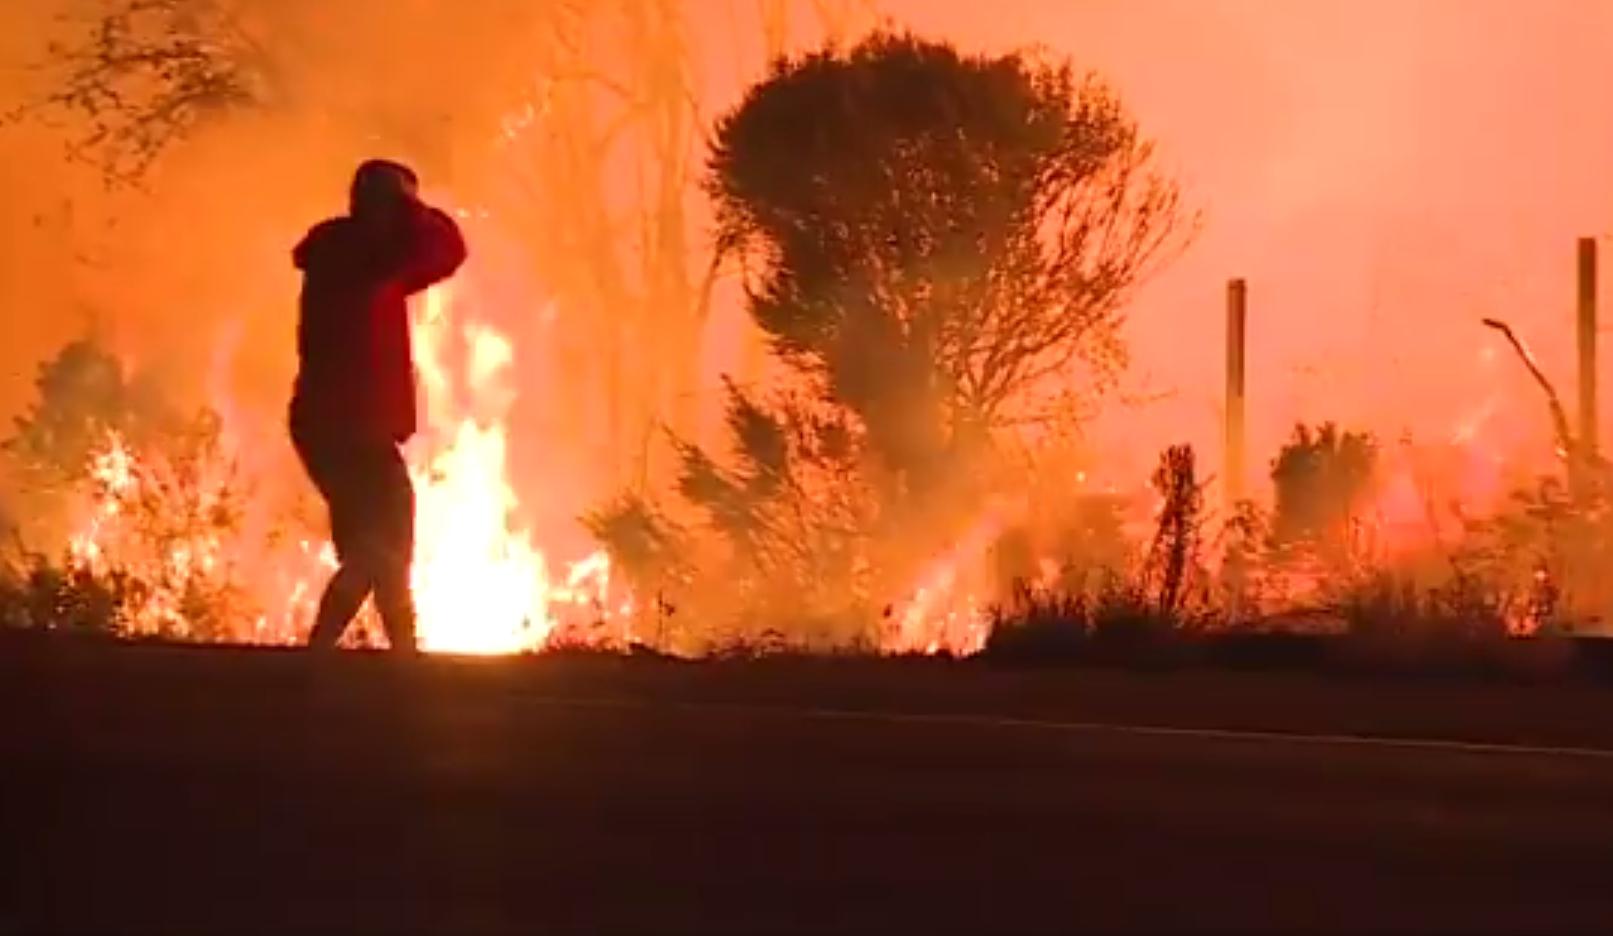 حرائق كاليفورنيا.. شاب يخاطر بحياته من أجل إنقاذ أرنب